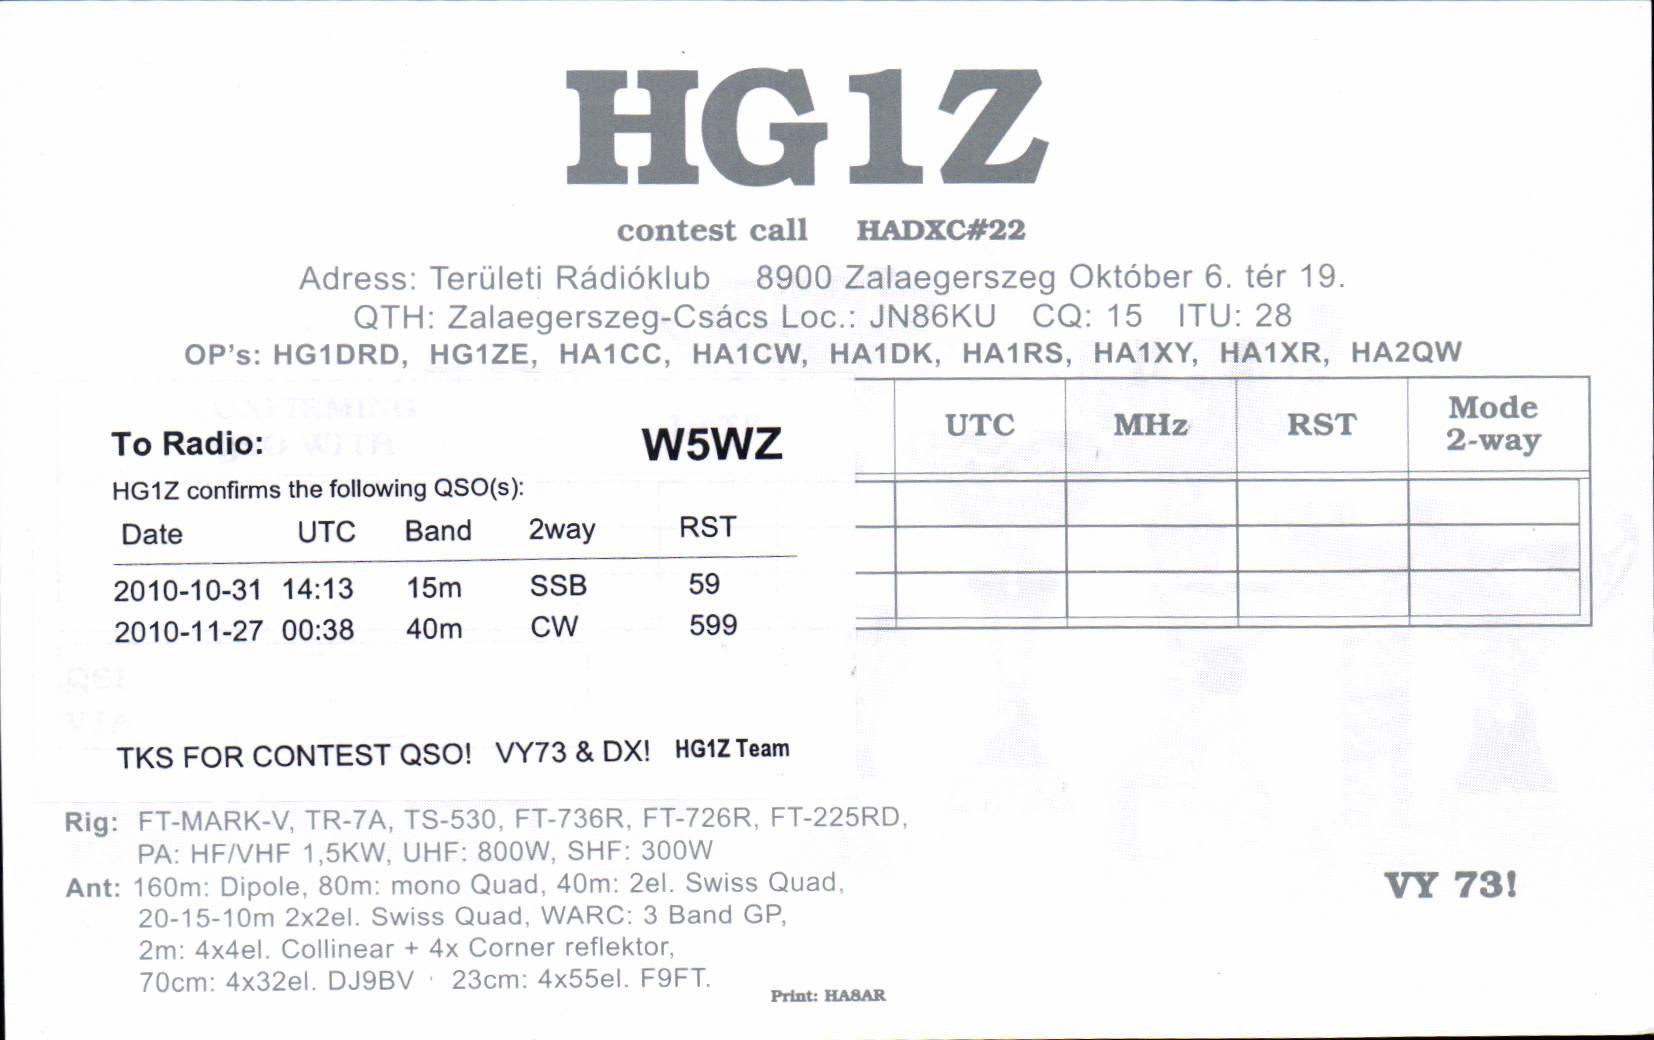 HG1Z_REAR